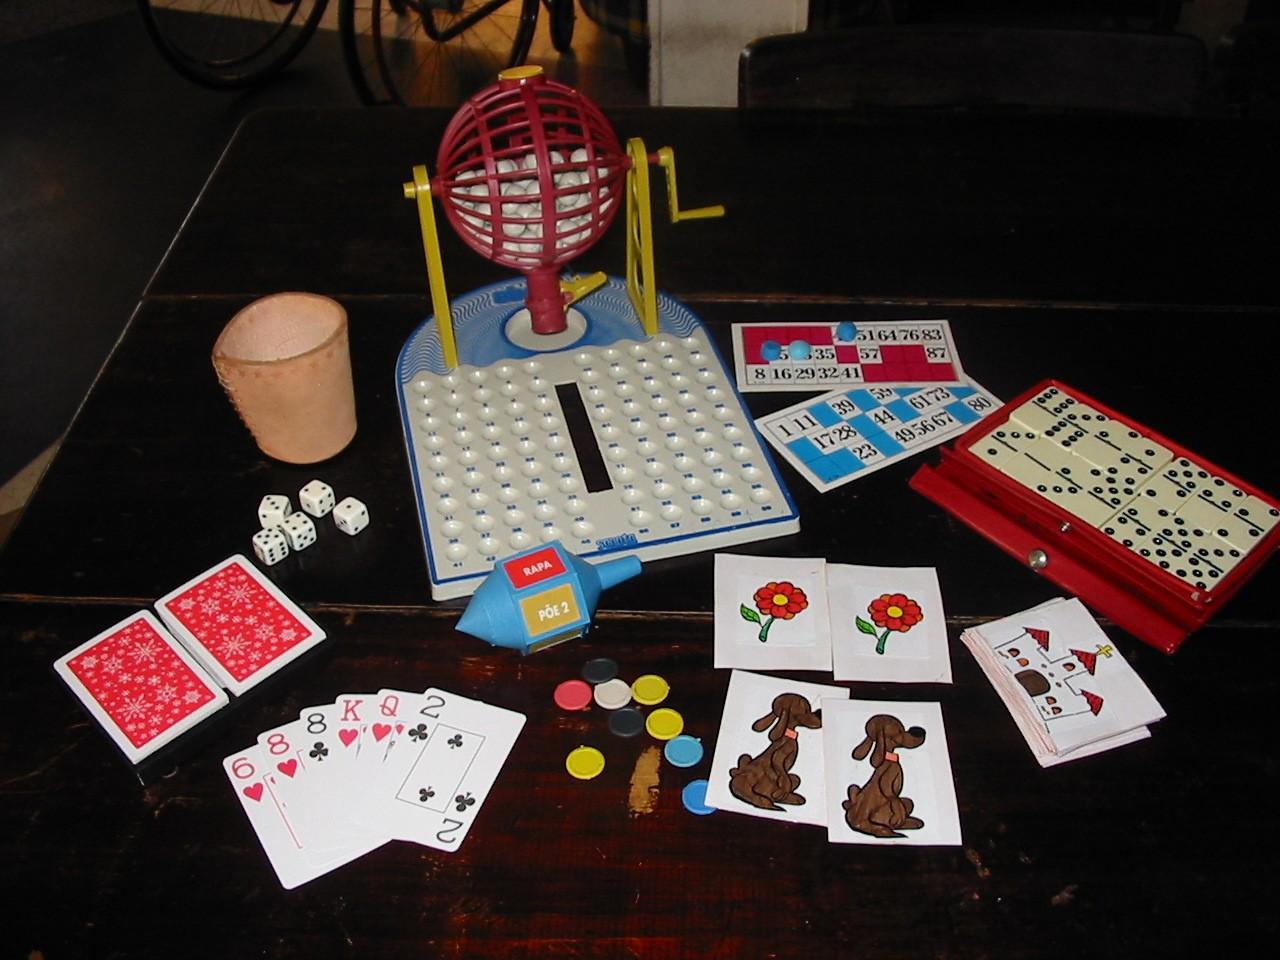 Super Terapia Ocupacional e Gerontologia: Jogos Terapêuticos como  IL23